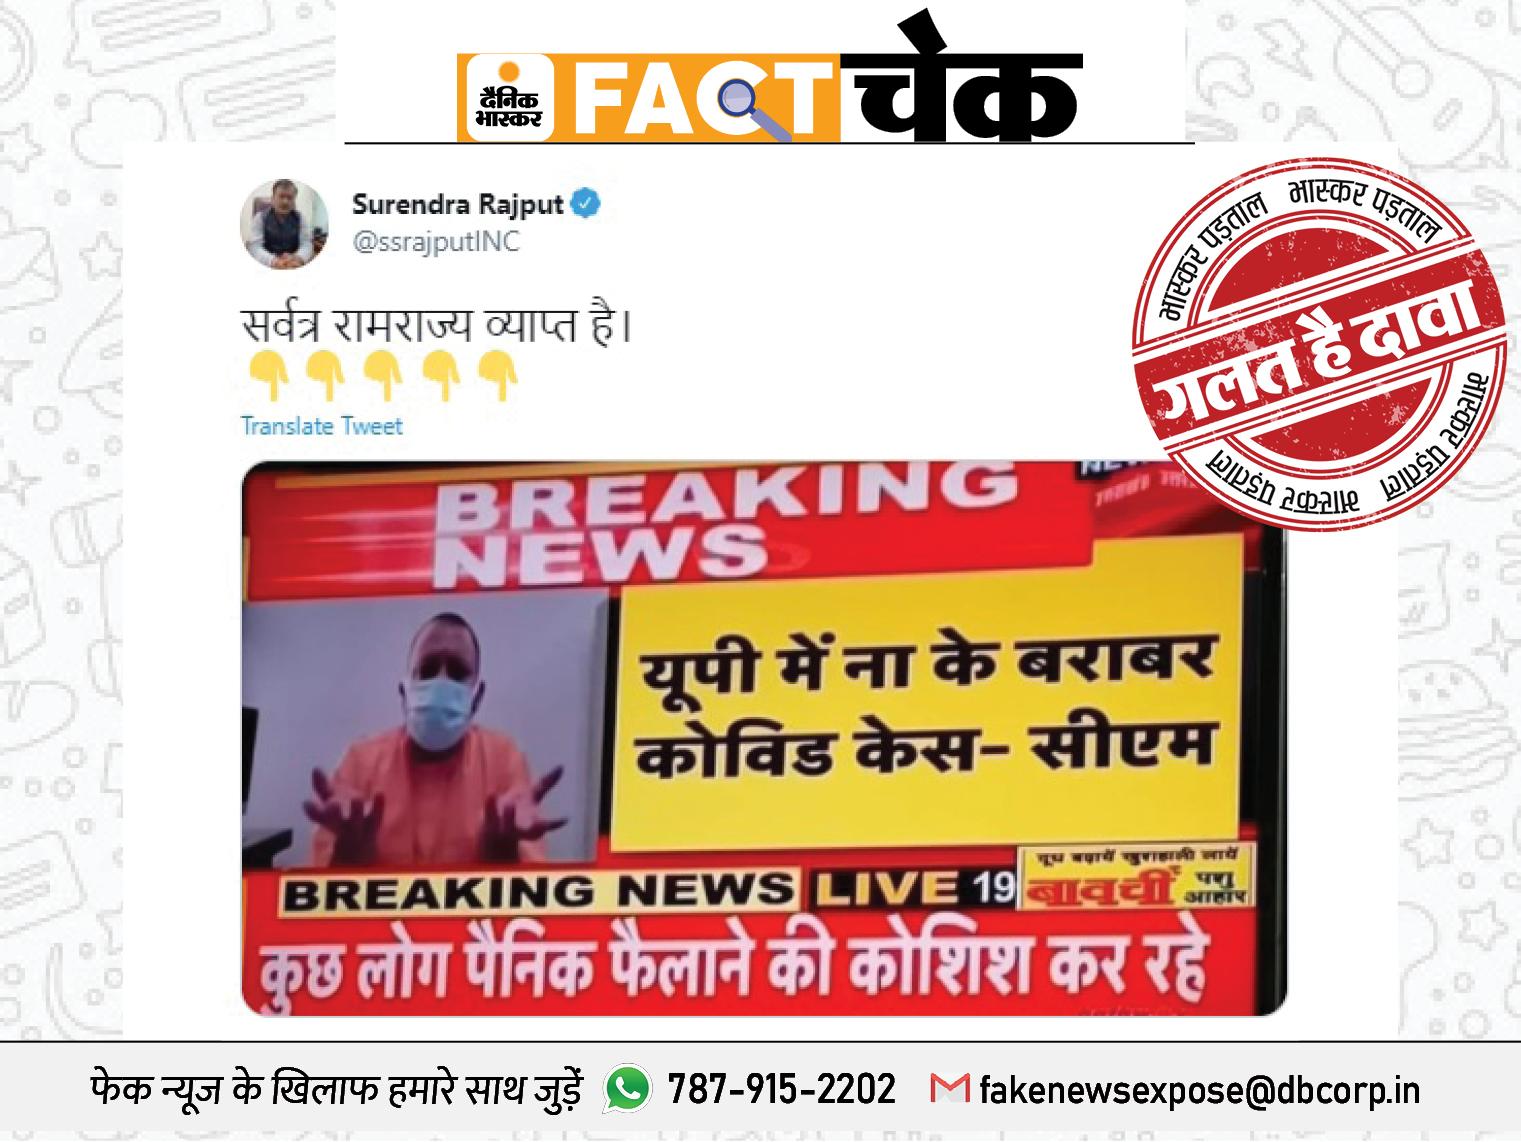 उत्तर प्रदेश के मुख्यमंत्री योगी आदित्यनाथका दावा यूपी में ना के बराबर कोविड केस? जानिएइस दावे की सच्चाई|फेक न्यूज़ एक्सपोज़,Fake News Expose - Dainik Bhaskar